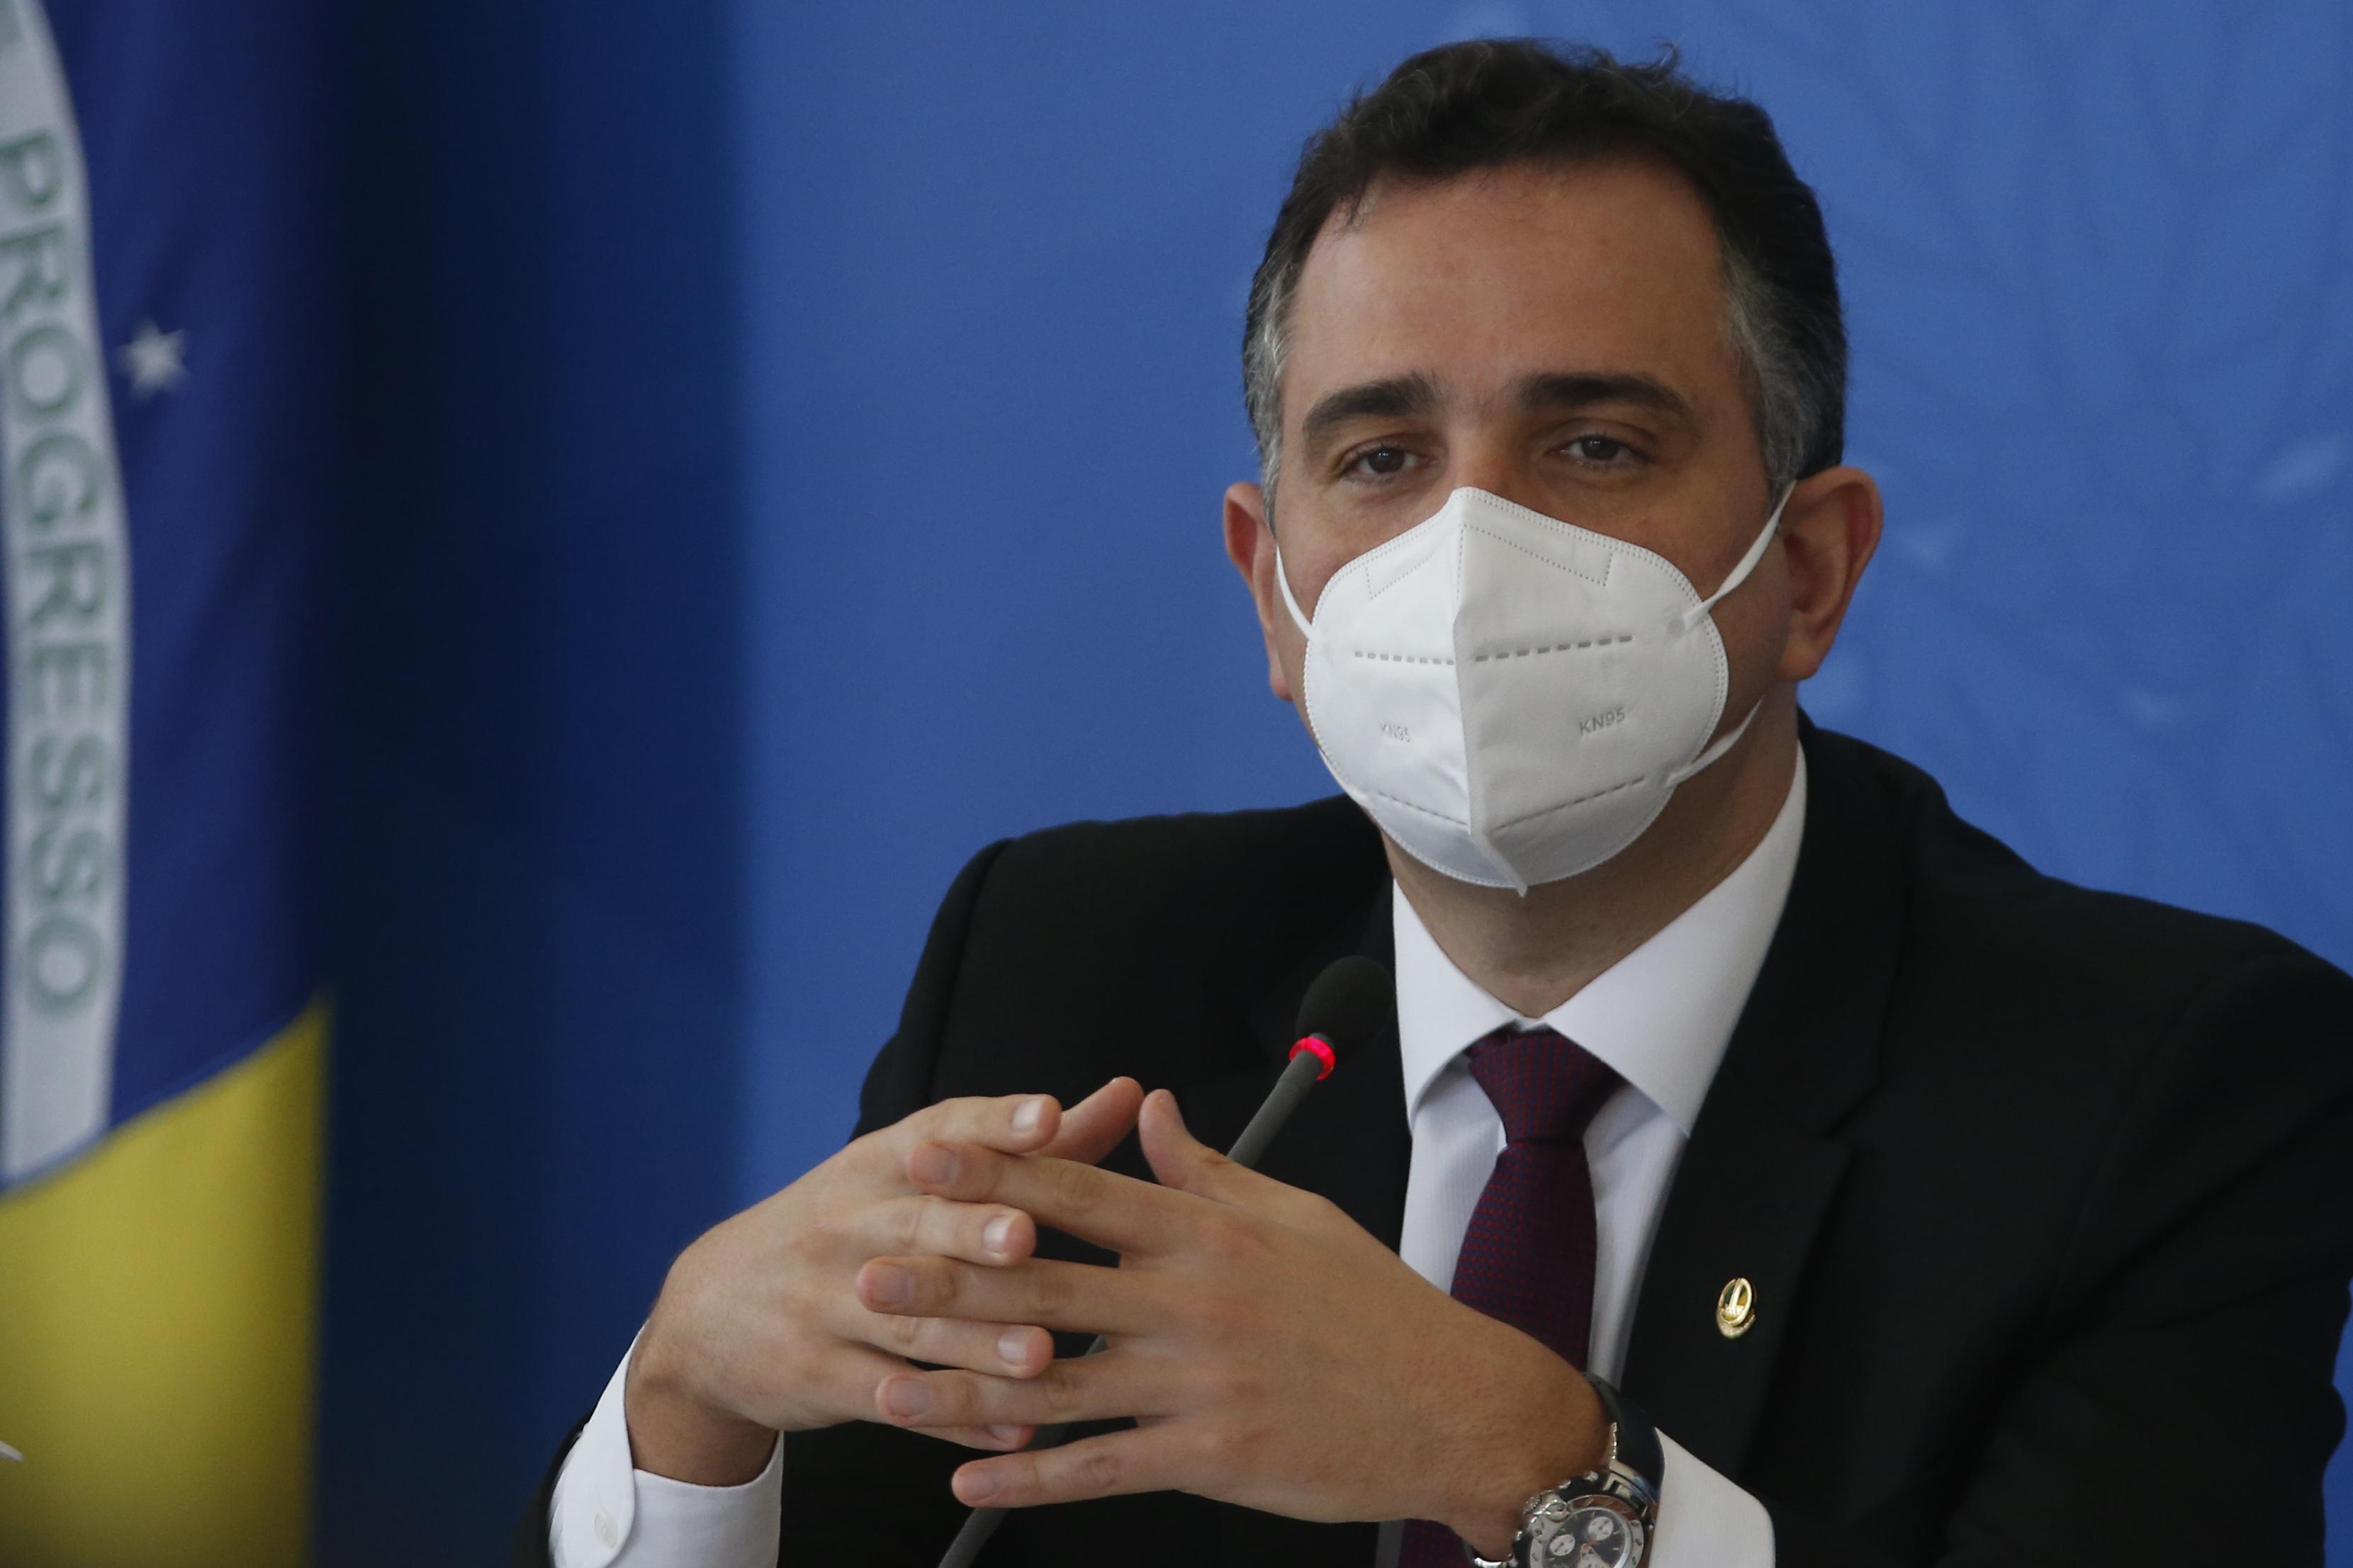 IMAGEM: Cúpula da CPI da Covid pressionou Pacheco a se manifestar contra Bolsonaro